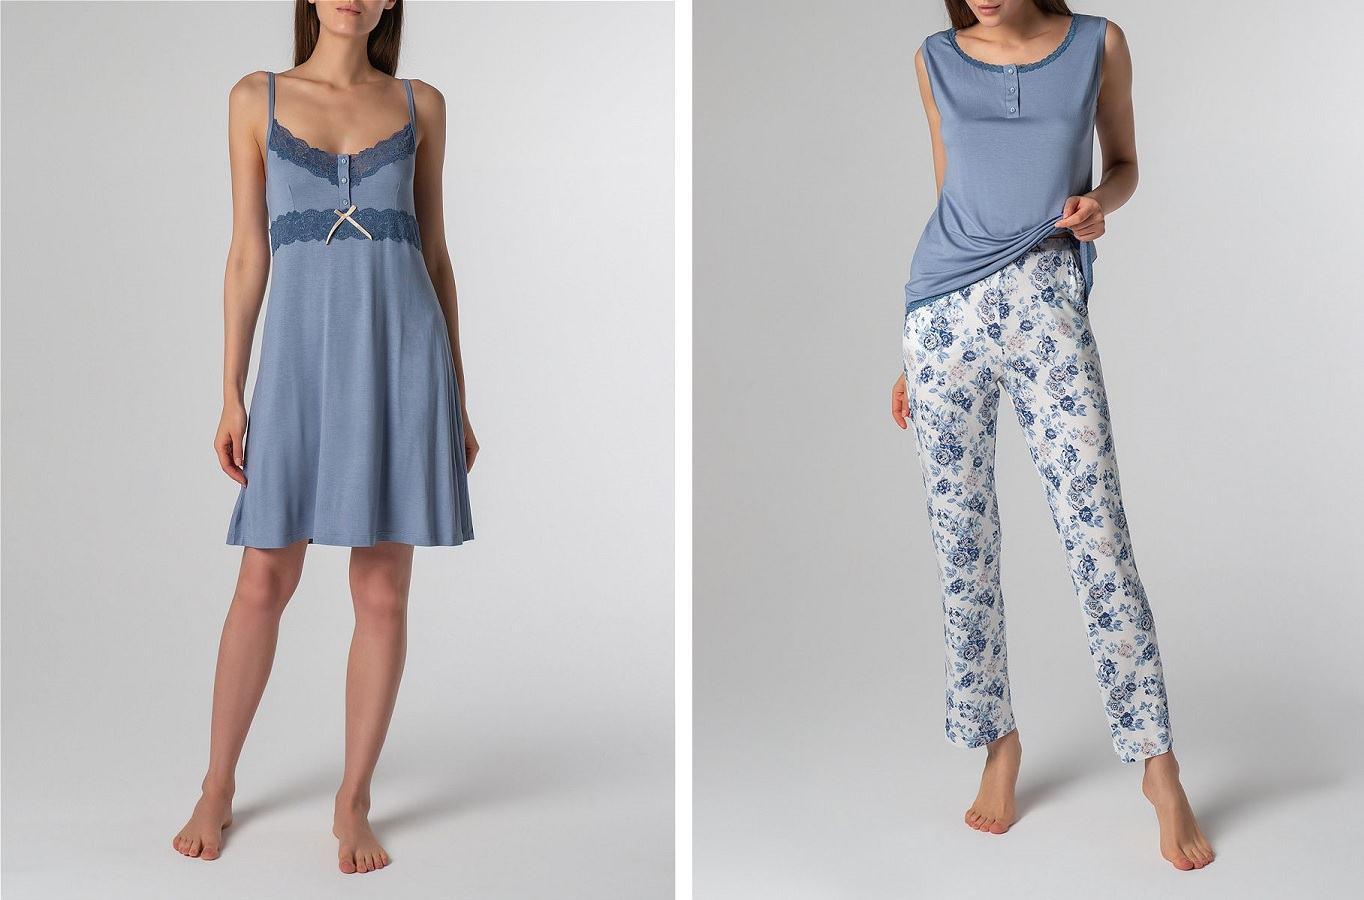 Модные платья или милые пижамы?